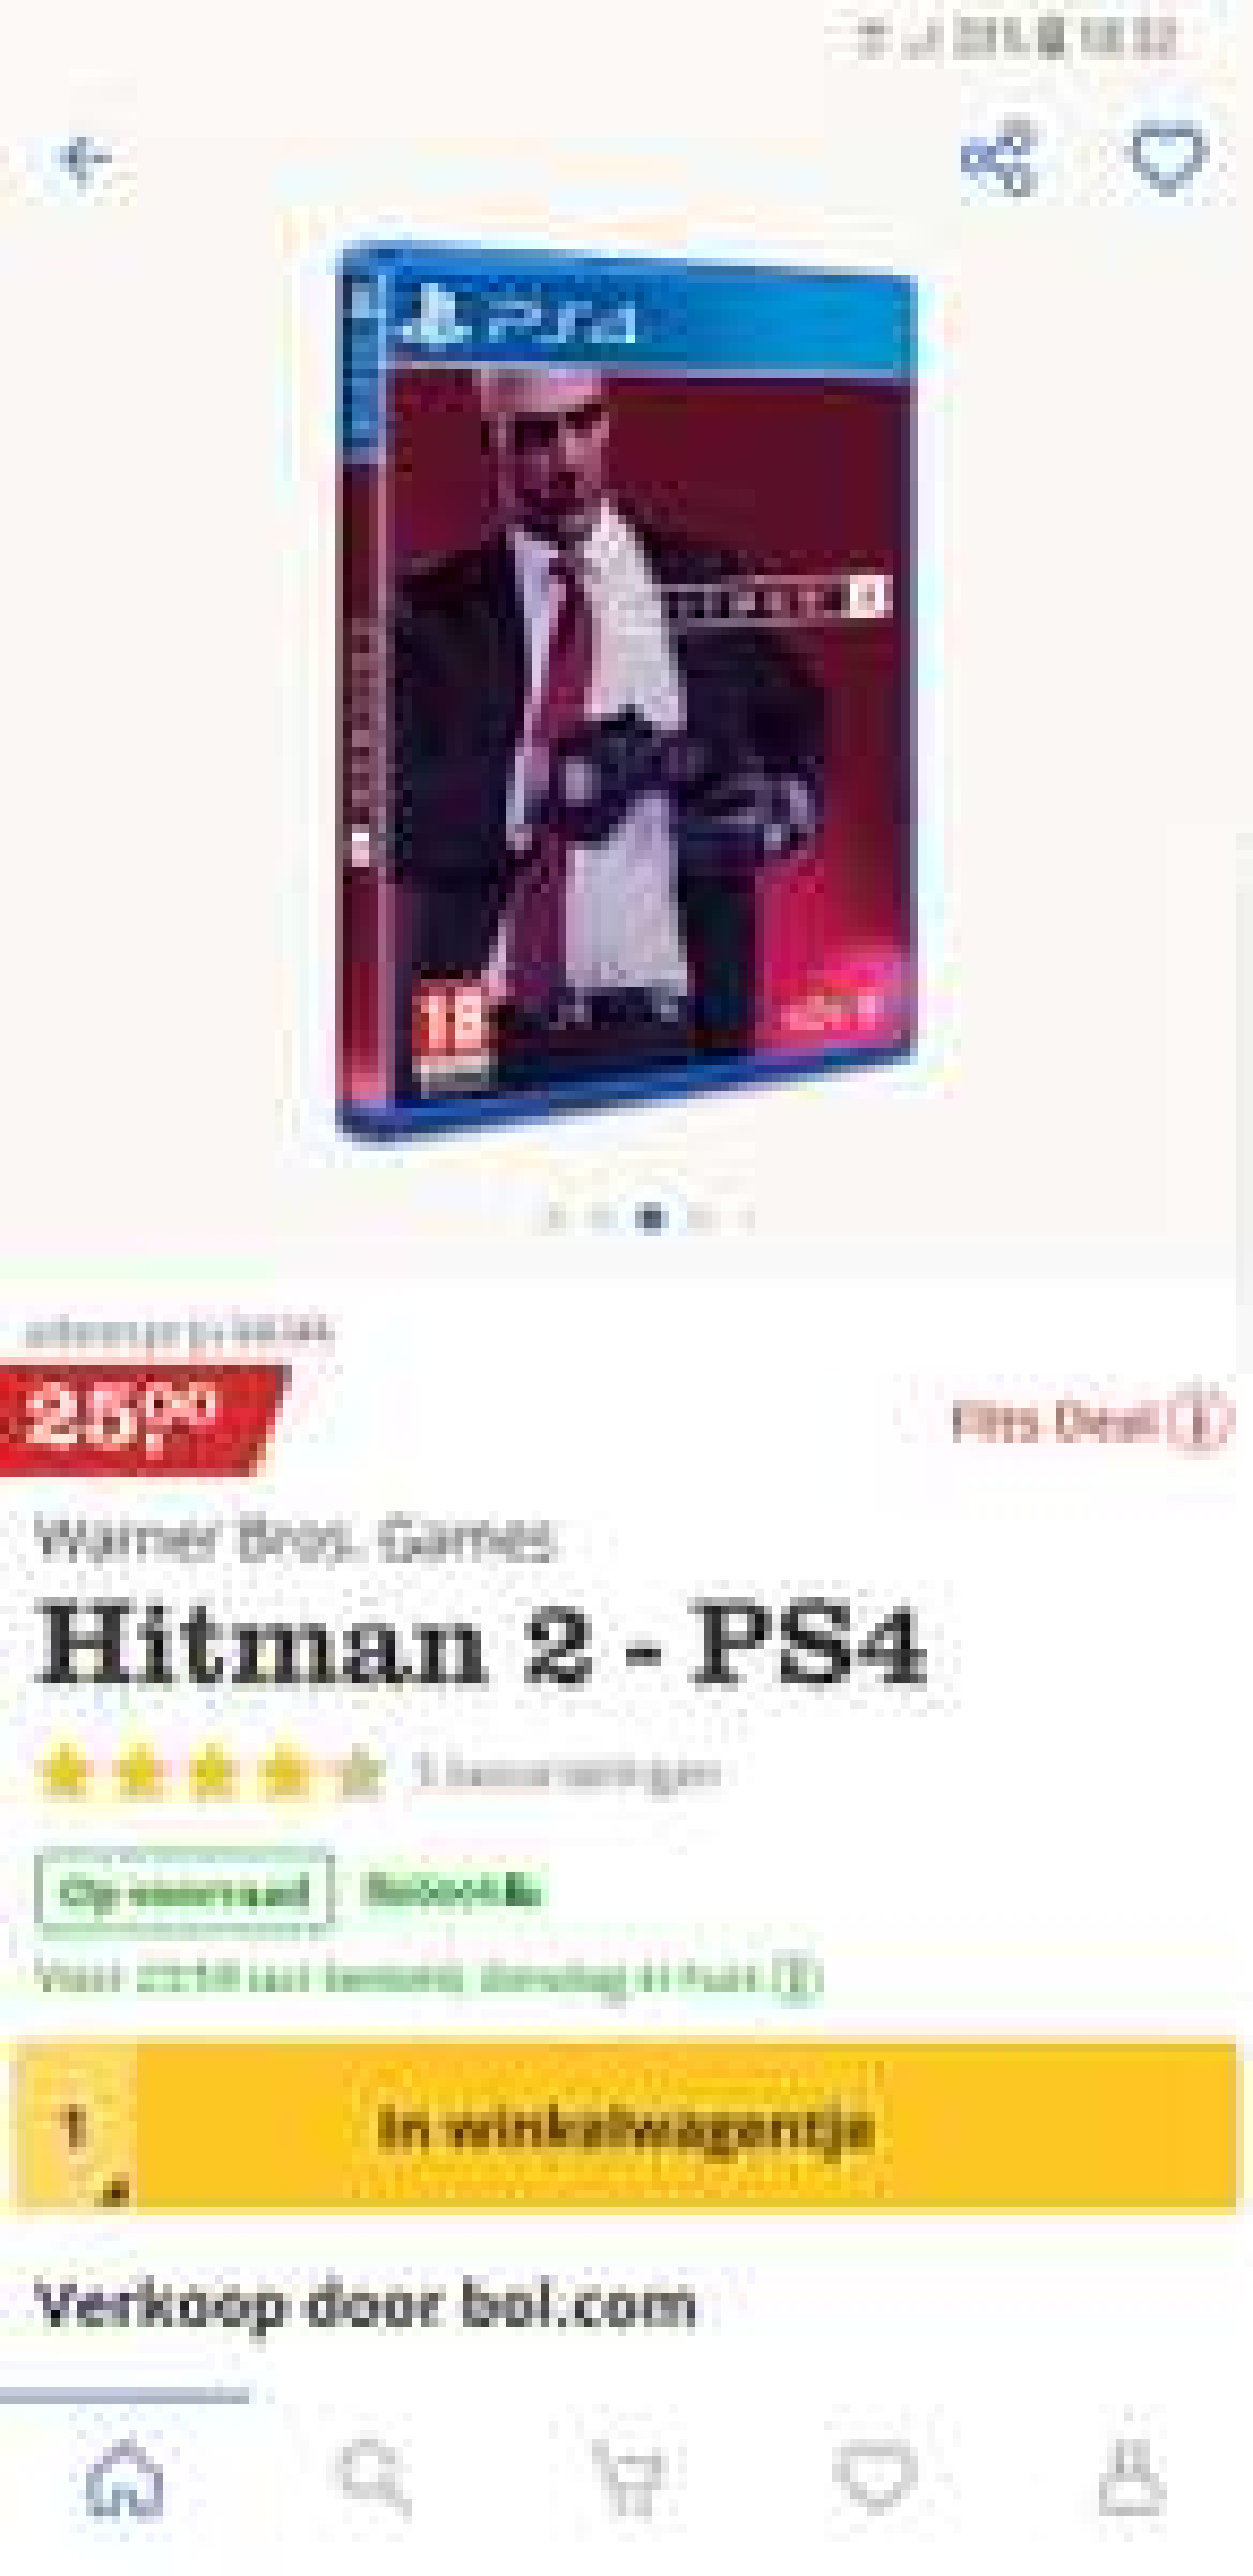 Flitsdeal bol.com - Hitman 2 voor PS4 en XBOX One voor €25,-